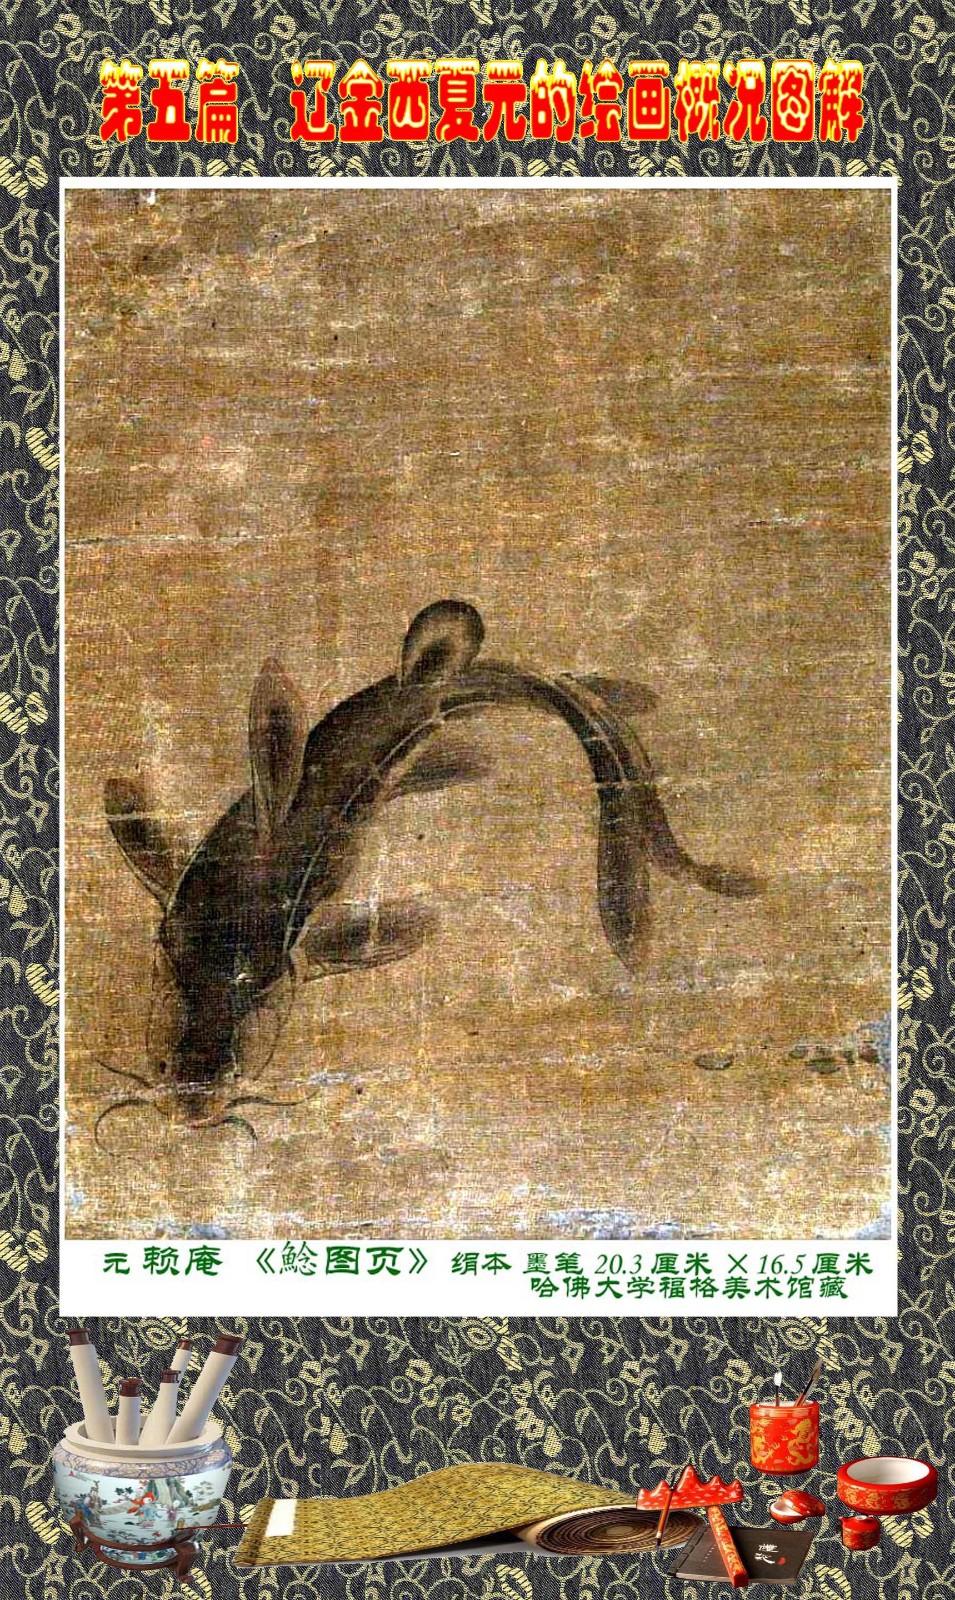 顾绍骅编辑 中国画知识普及版 第五篇 辽金西夏元的绘画概况 下 ... ..._图1-79